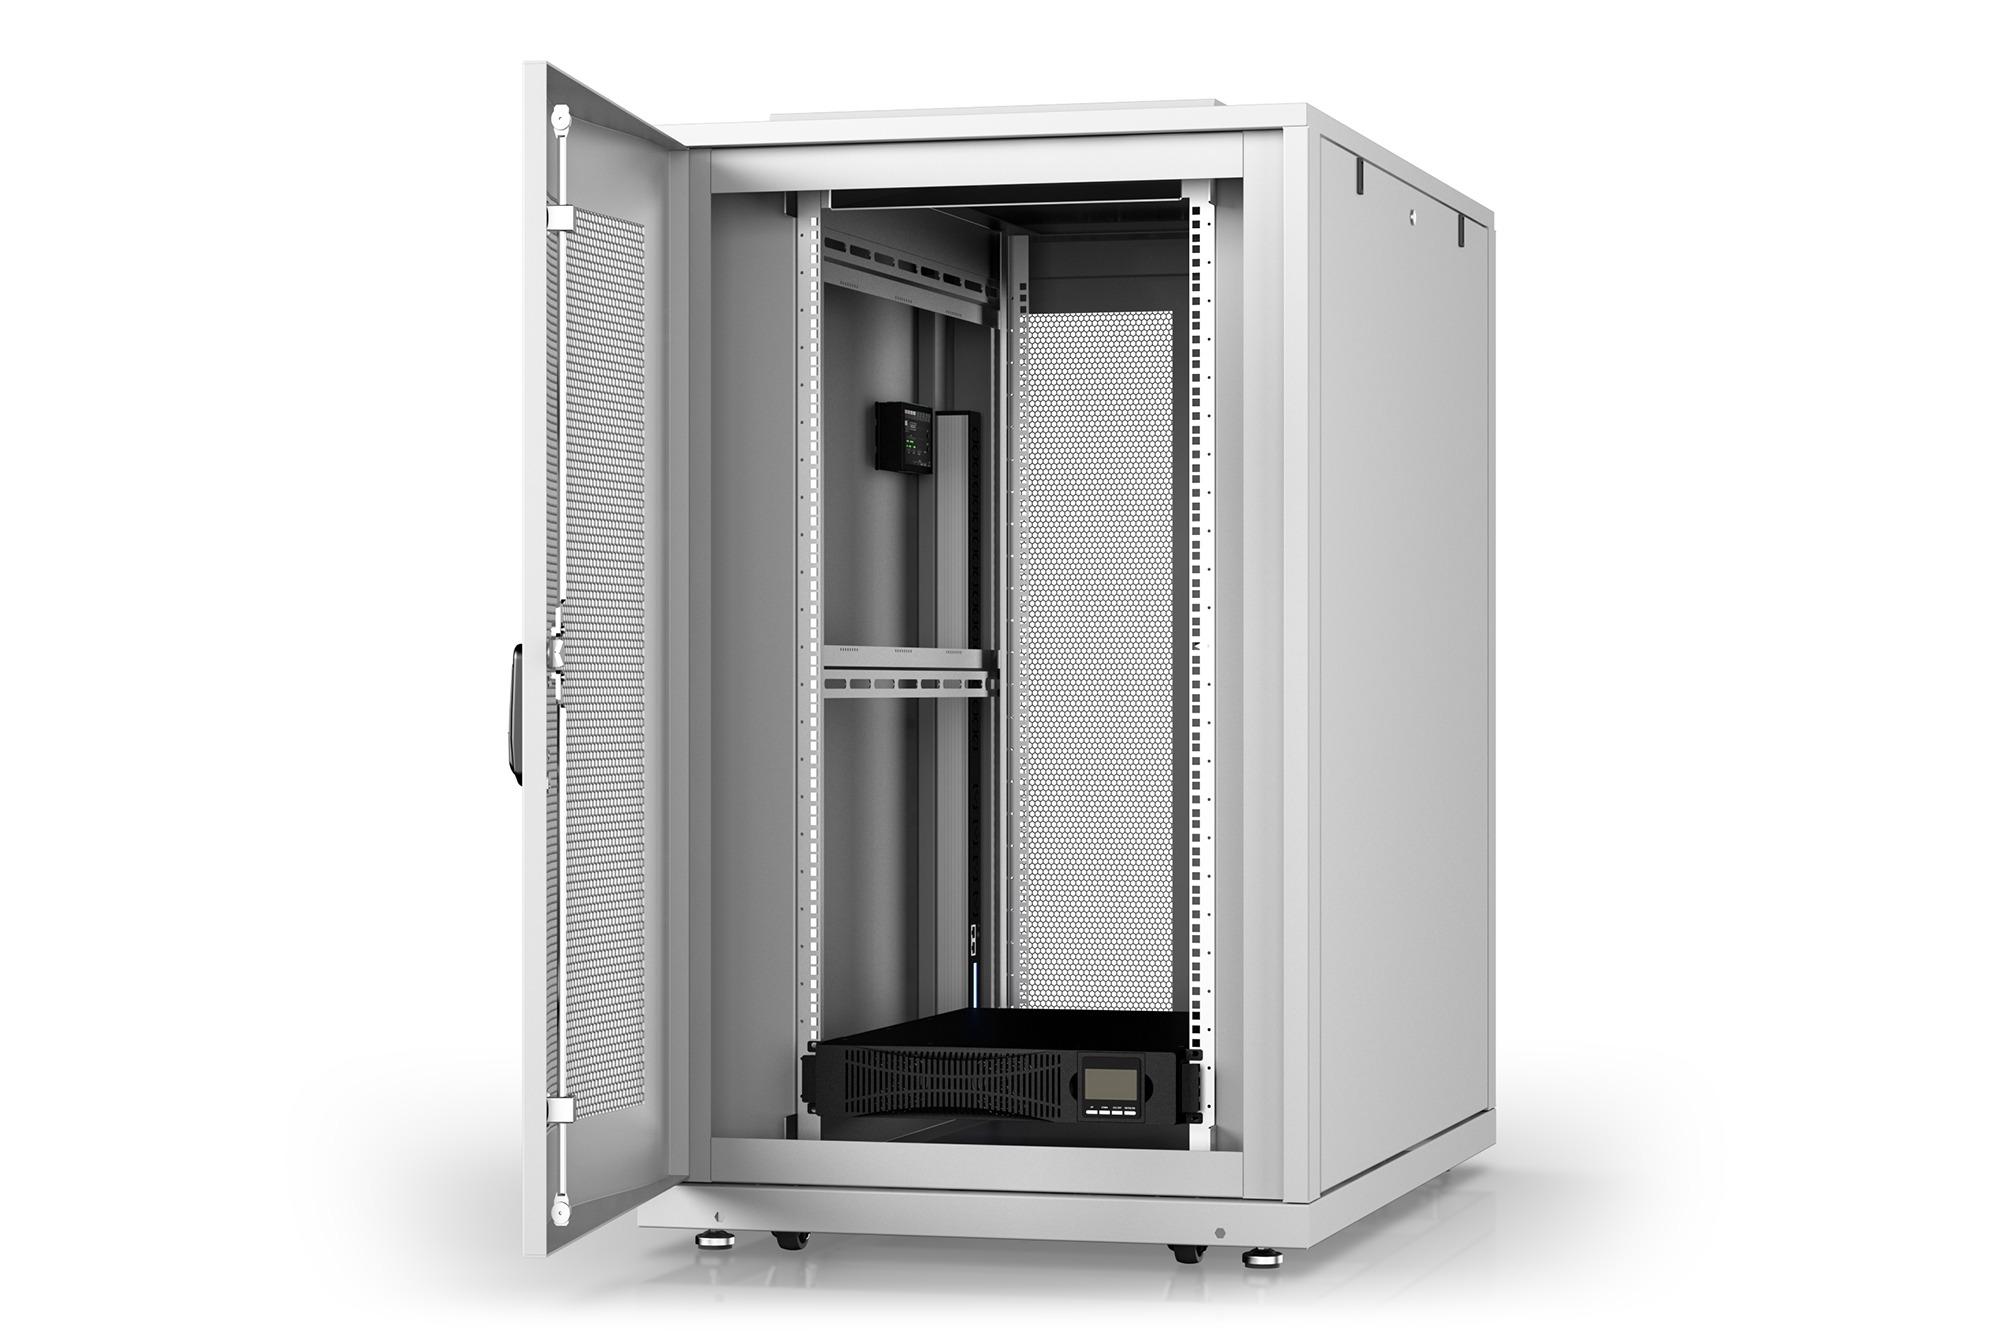 Armadio rack 26u 600×1000 con gruppo di continuita' online 3000va/, multipresa smart, sensori temperatura, sensori porta e sistema monitoraggio